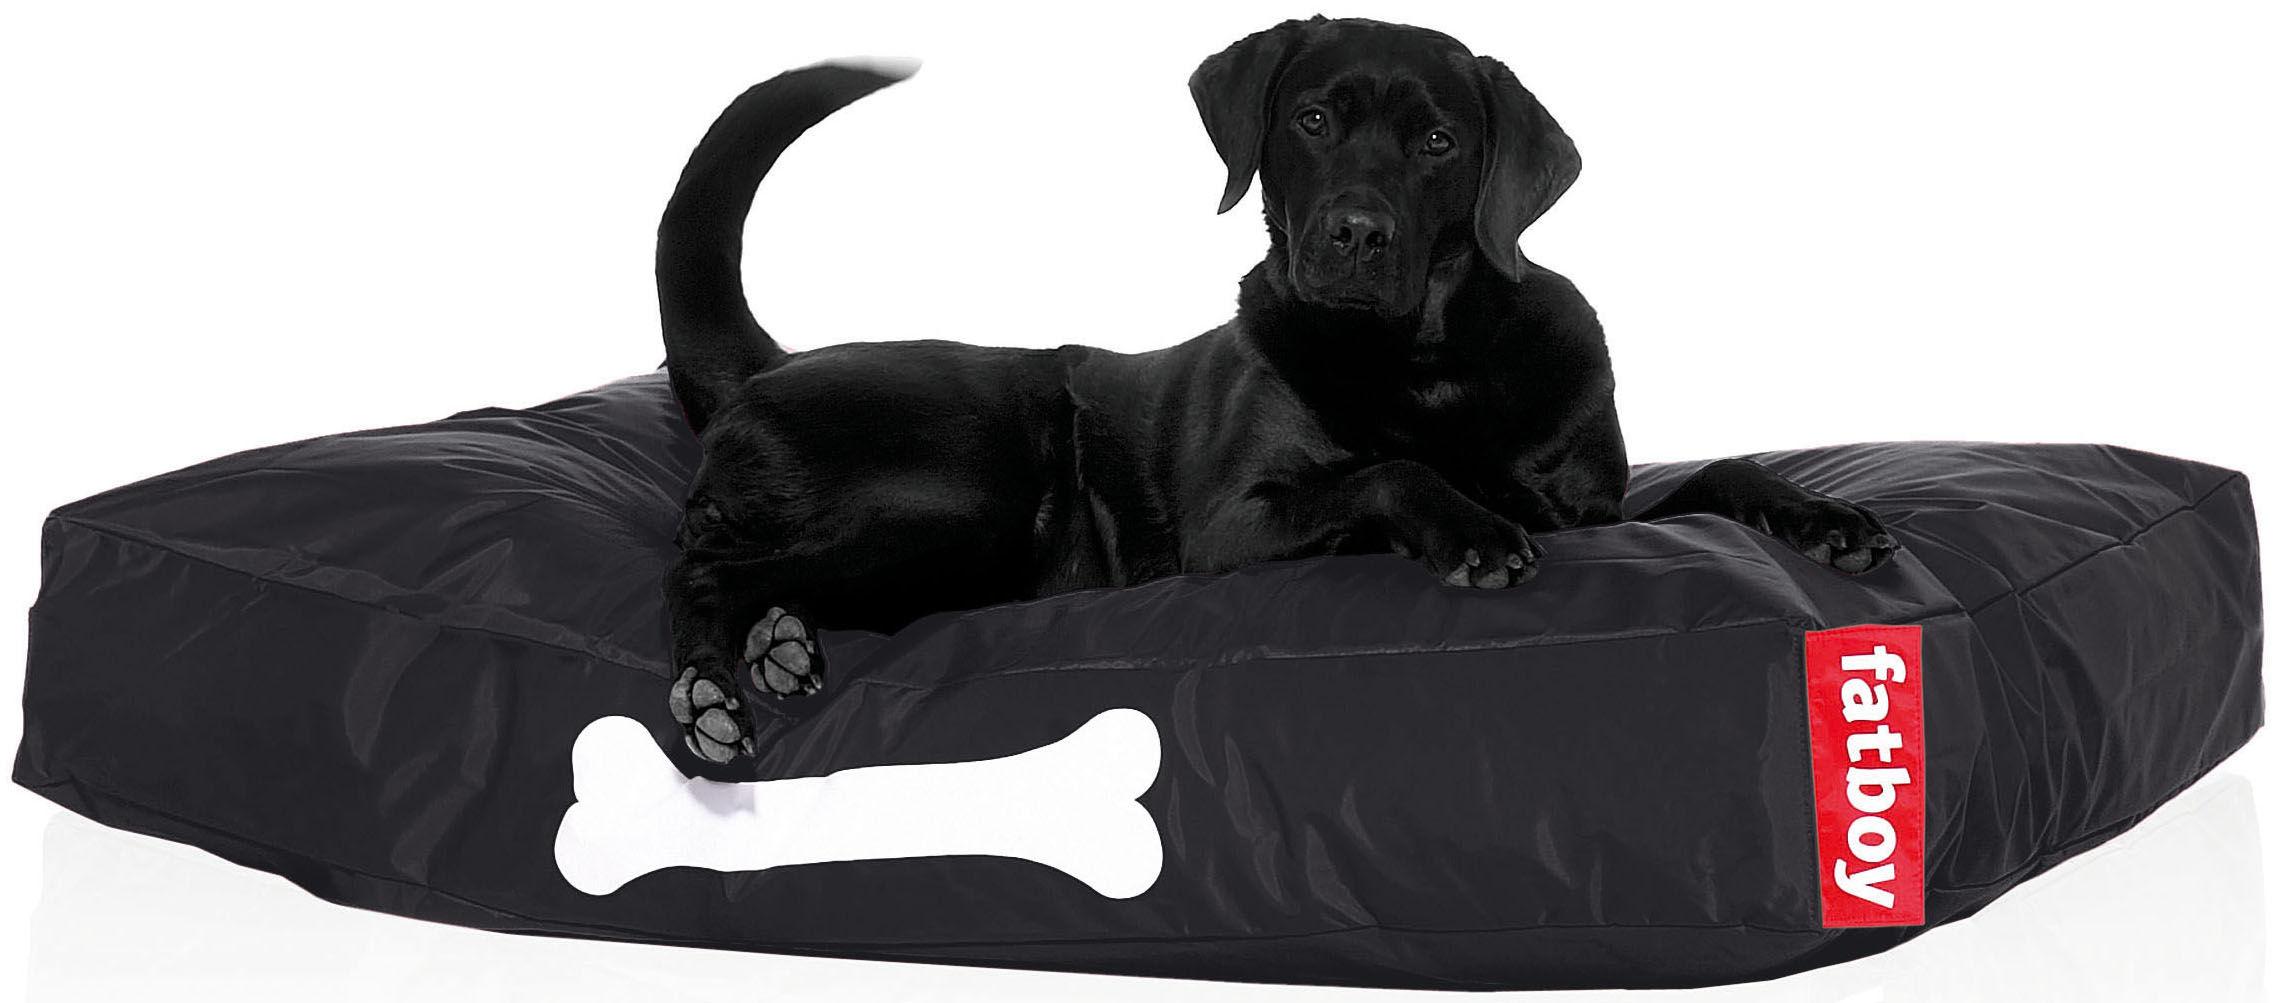 Mobilier - Poufs - Pouf Doggielounge pour chien - Large - Fatboy - Noir - Tissu nylon